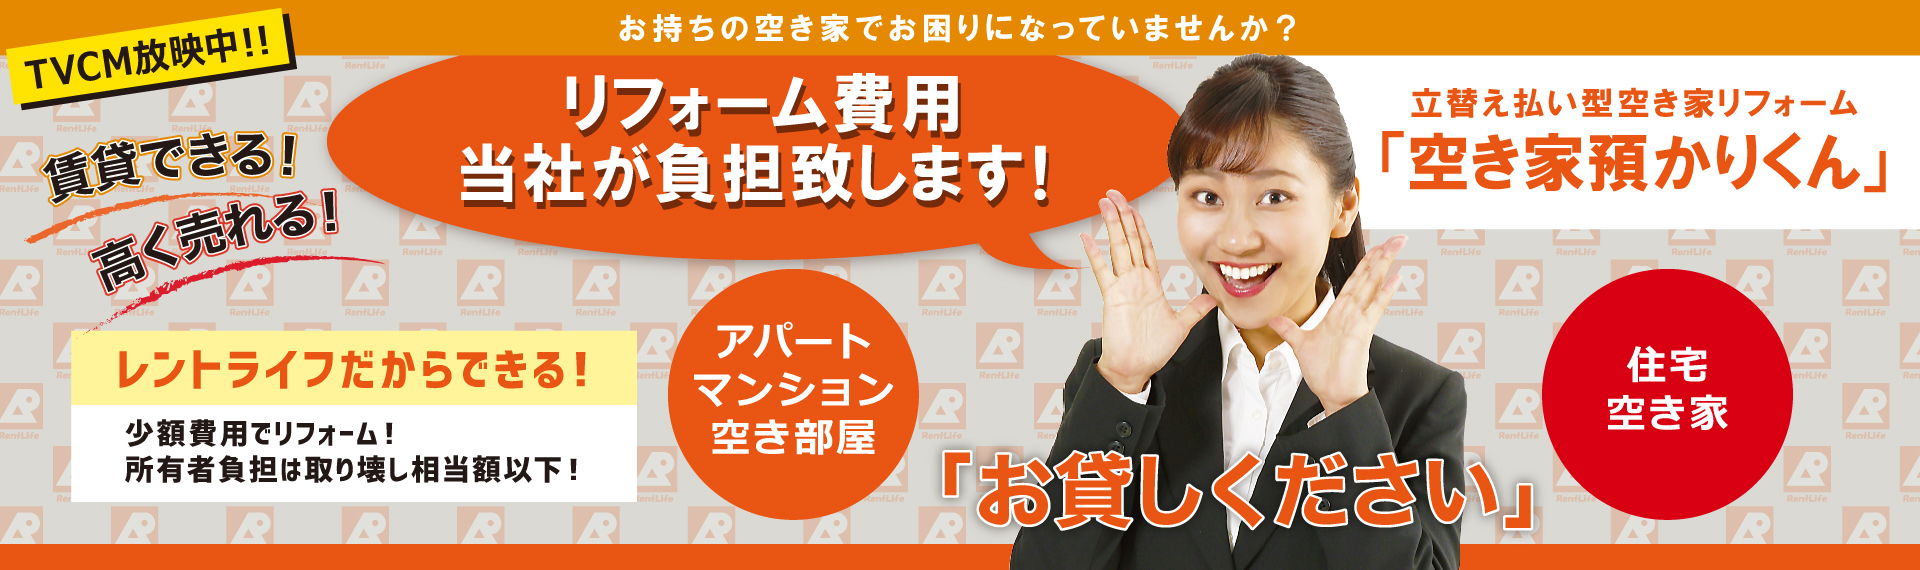 長野県・神奈川県でお困りの空き家・空地を買取・借上致します。